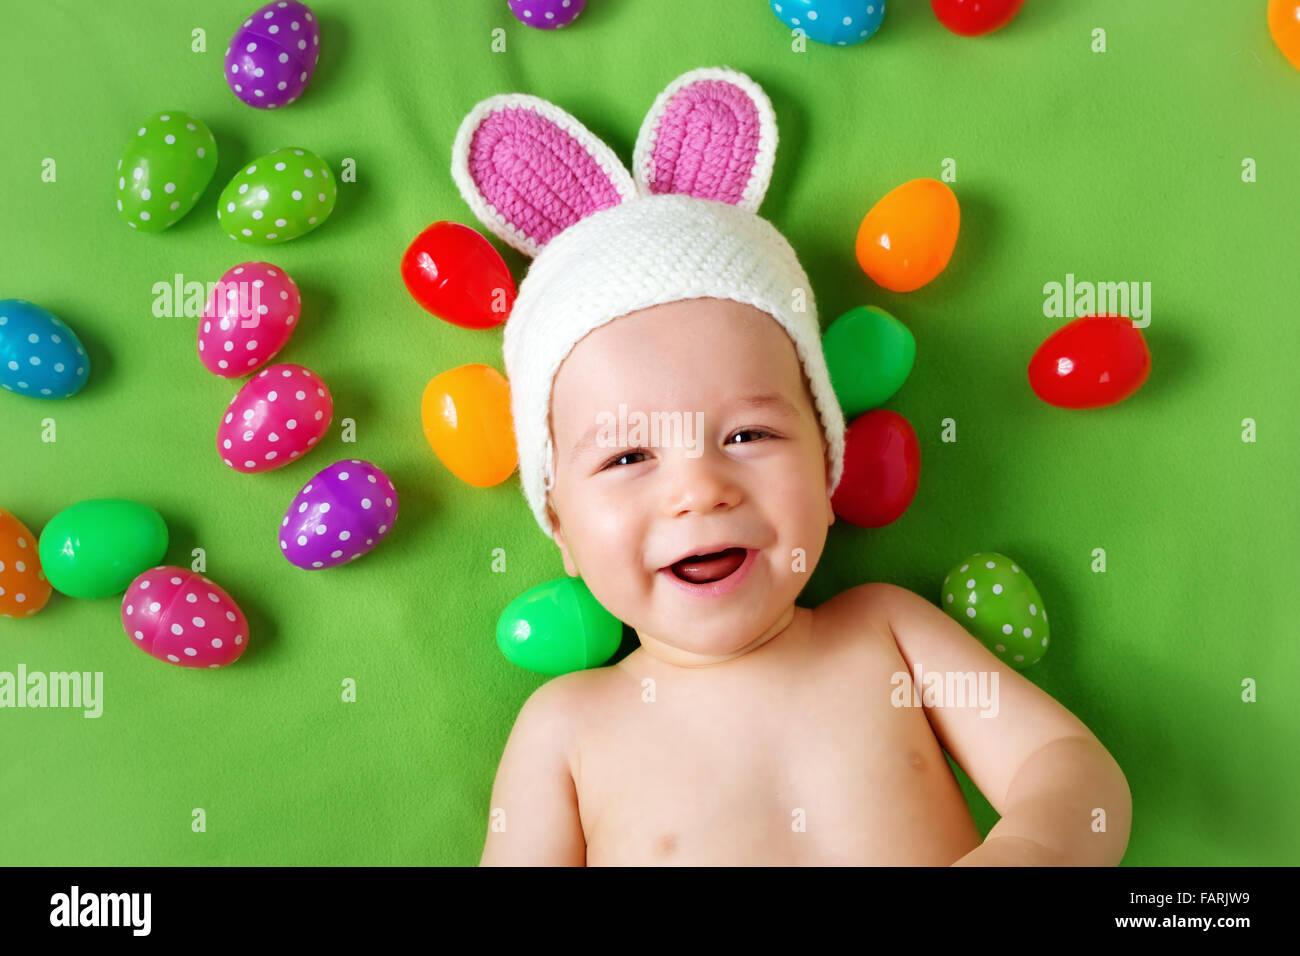 Baby Boy en bunny hat acostado sobre una manta verde con huevos de Pascua Imagen De Stock